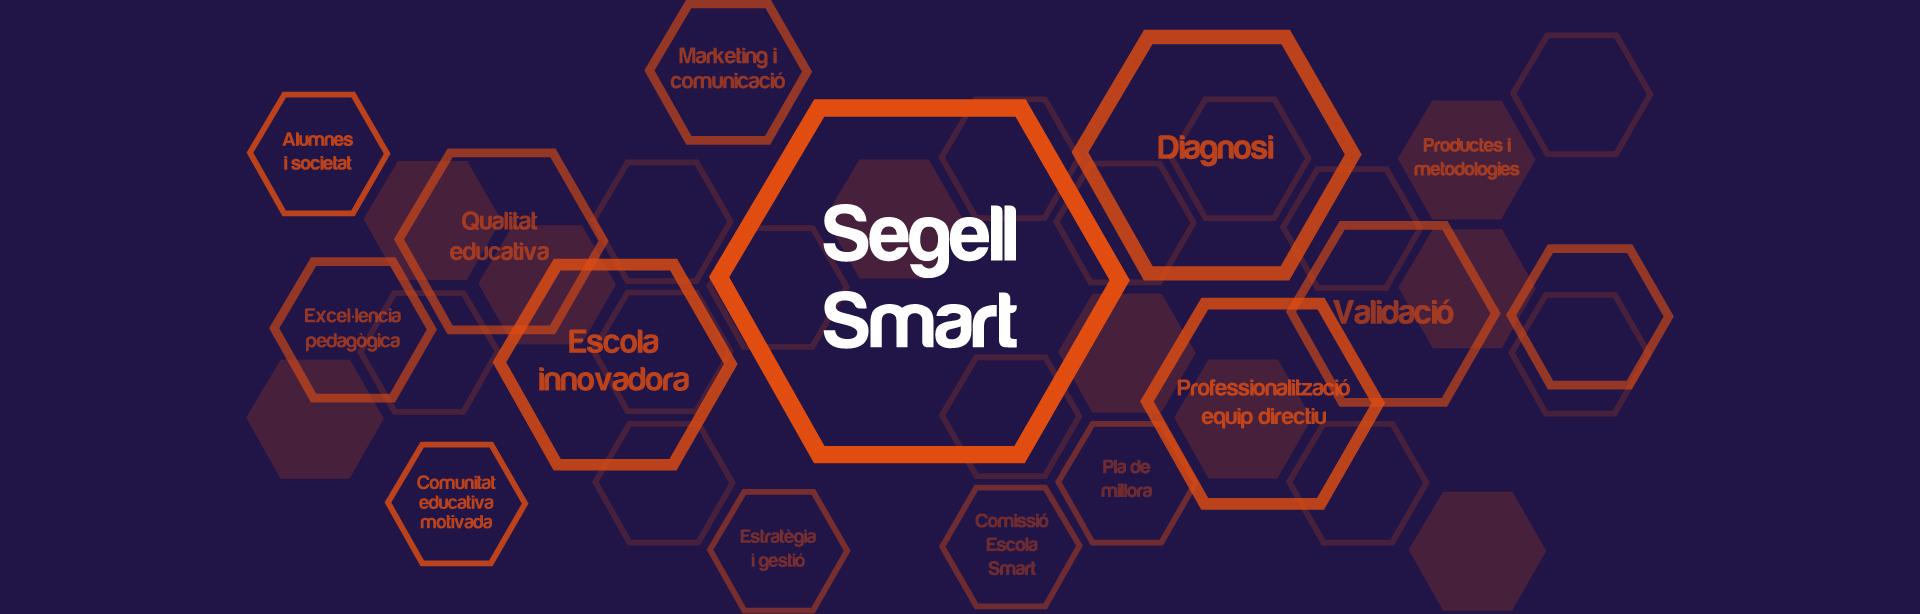 Segell Smart d'Innovació Educativa